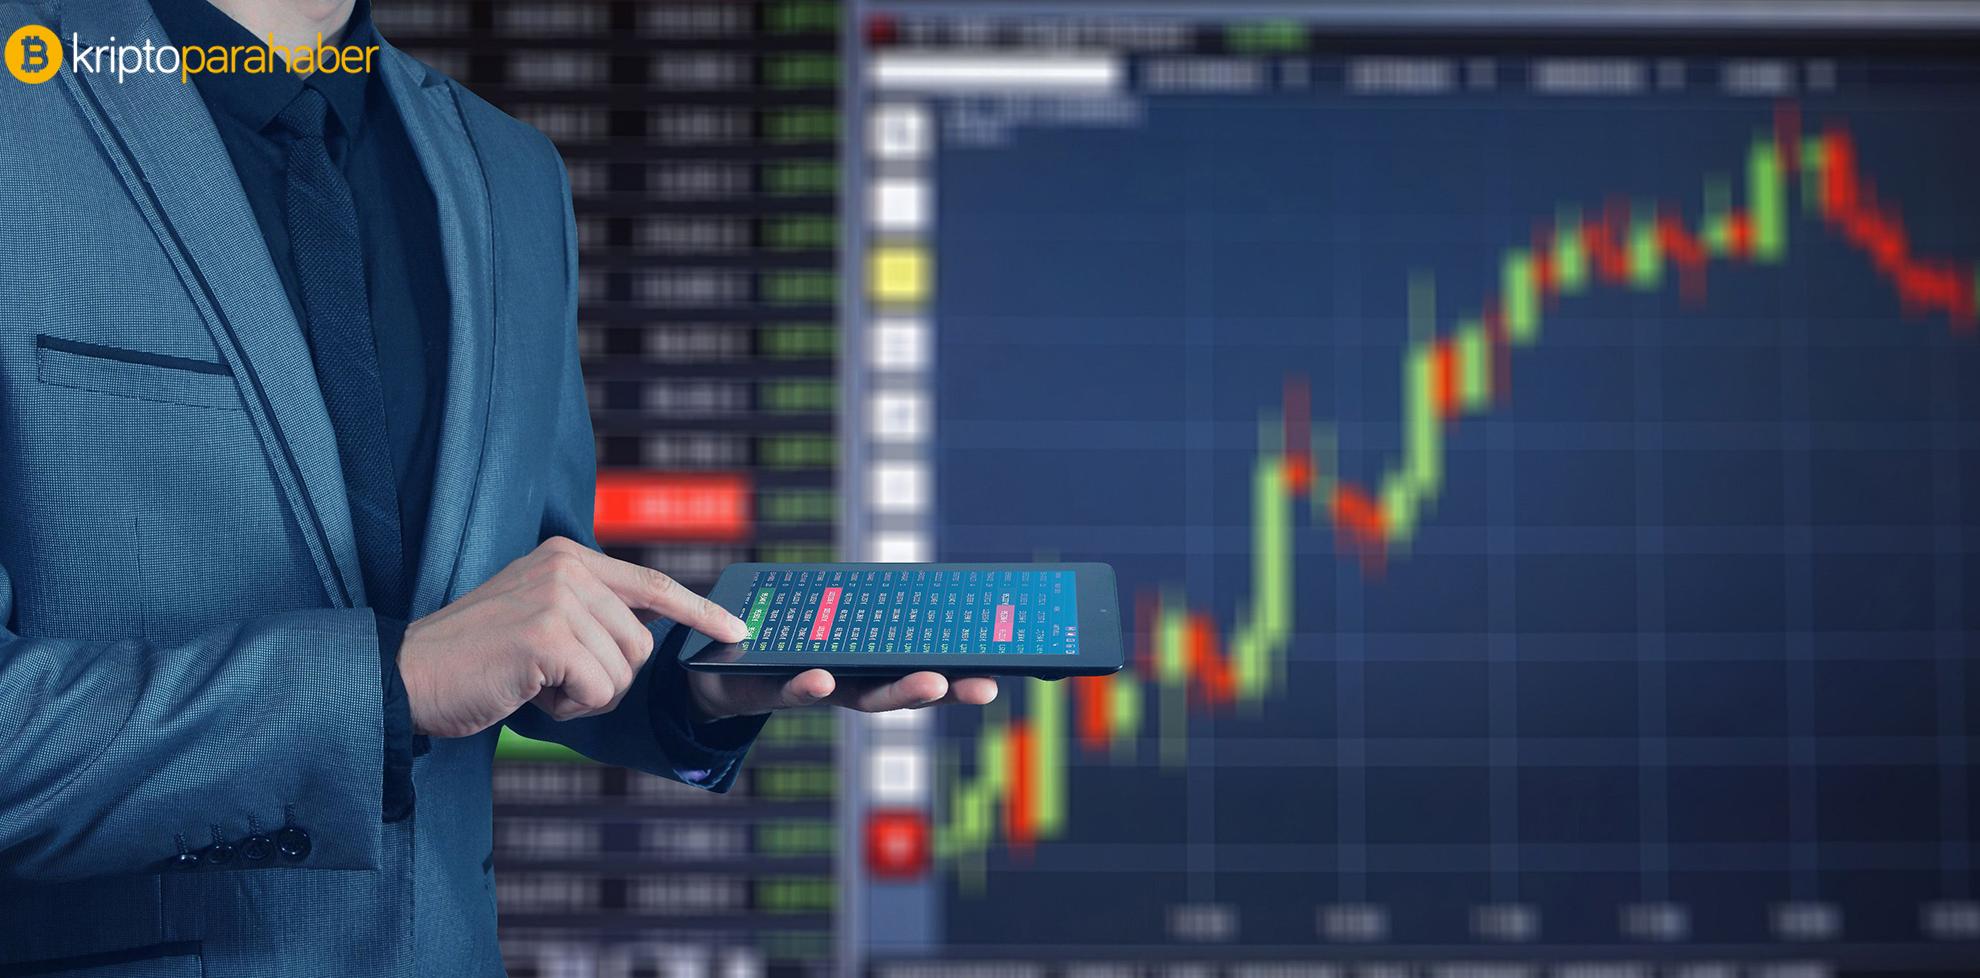 8 Ekim EOS fiyat analizi: Beklenen seviyeler ve önemli noktalar